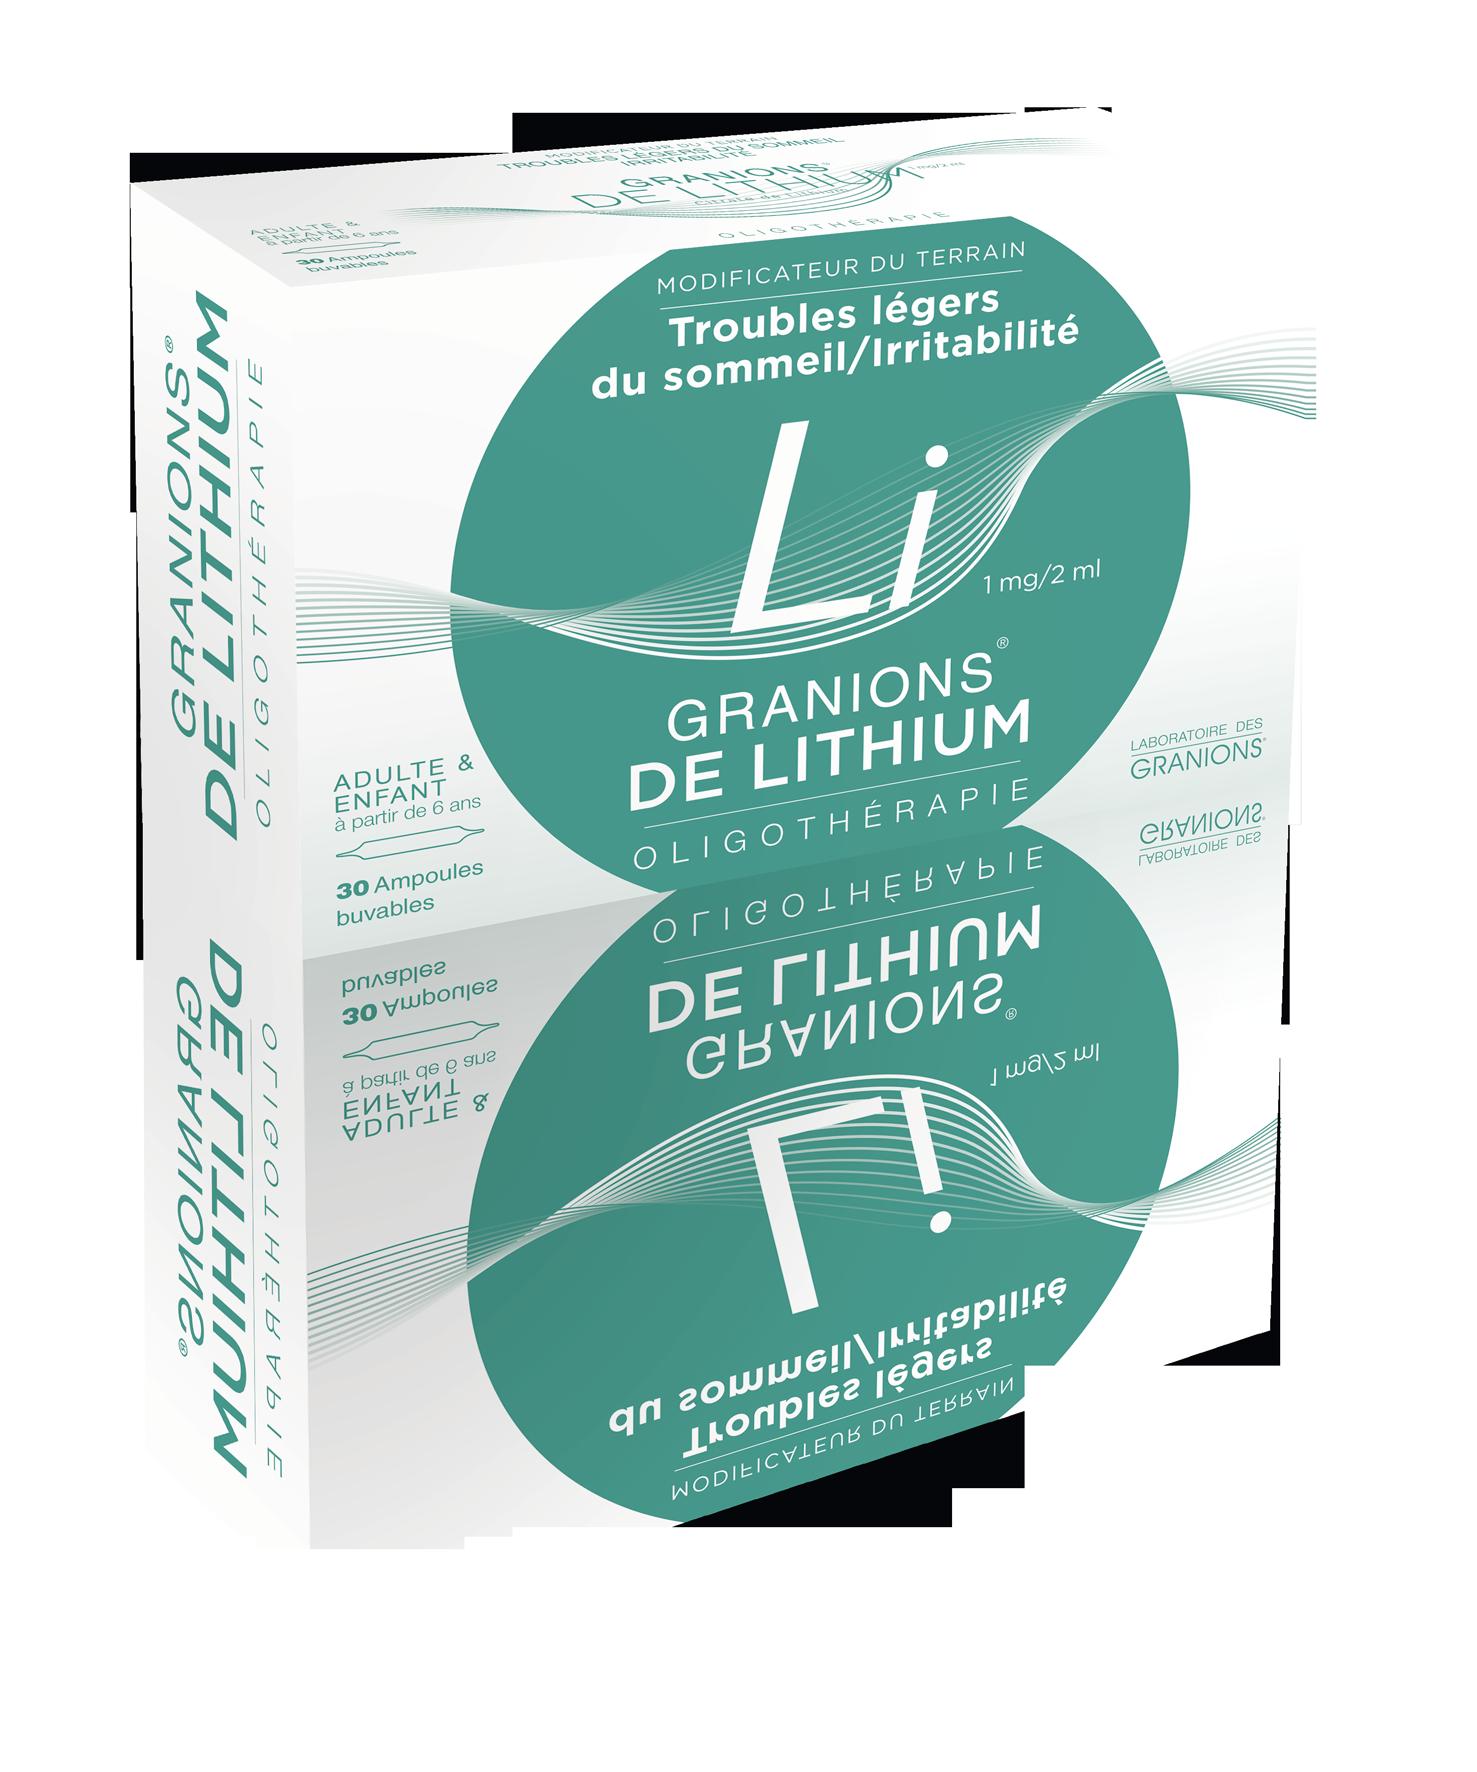 Image GRANIONS DE LITHIUM 1 mg/2 ml S buv en ampoule 30Amp/2ml